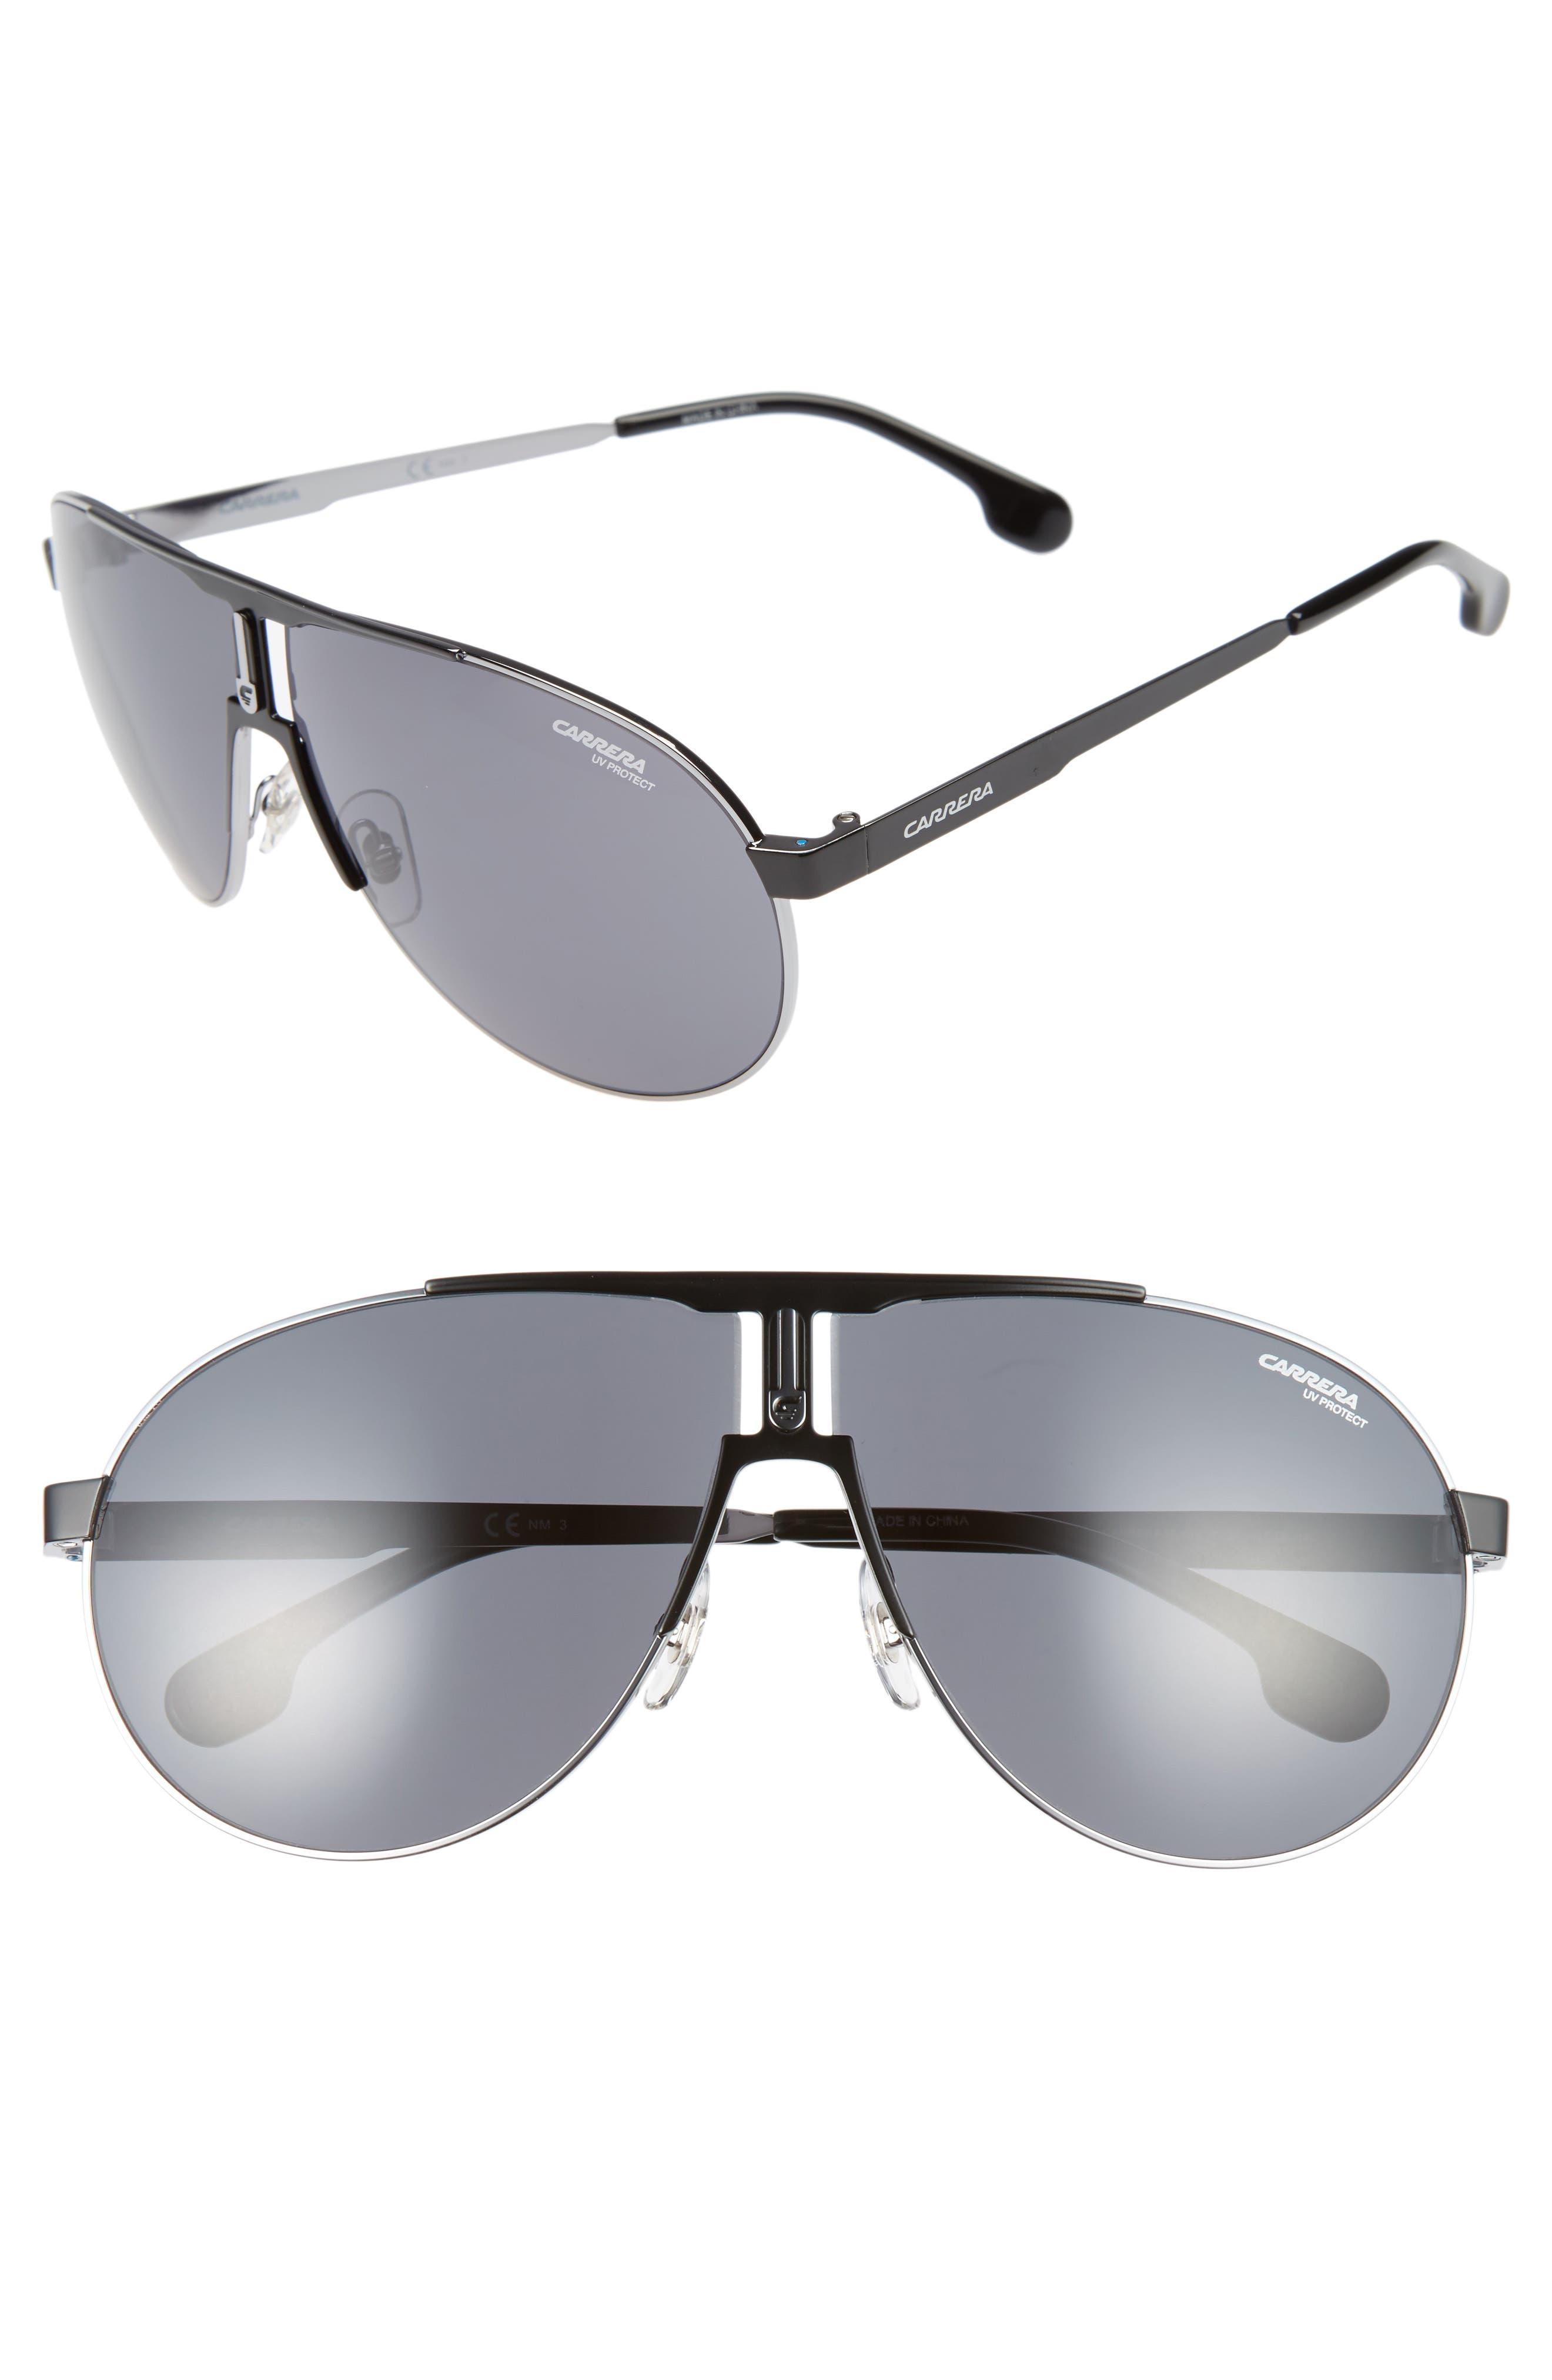 66mm Sunglasses